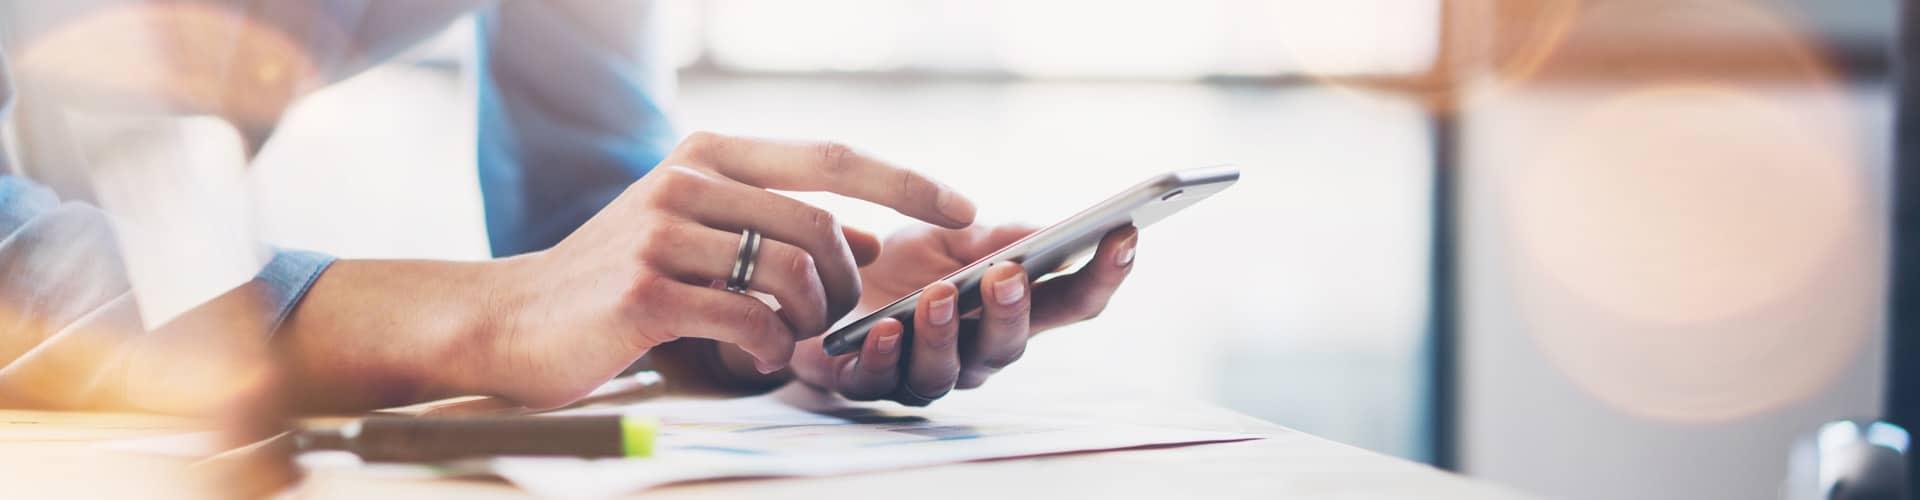 Das Smartphone wird der wichtigste Online-Zugang Foto: Shutterstock